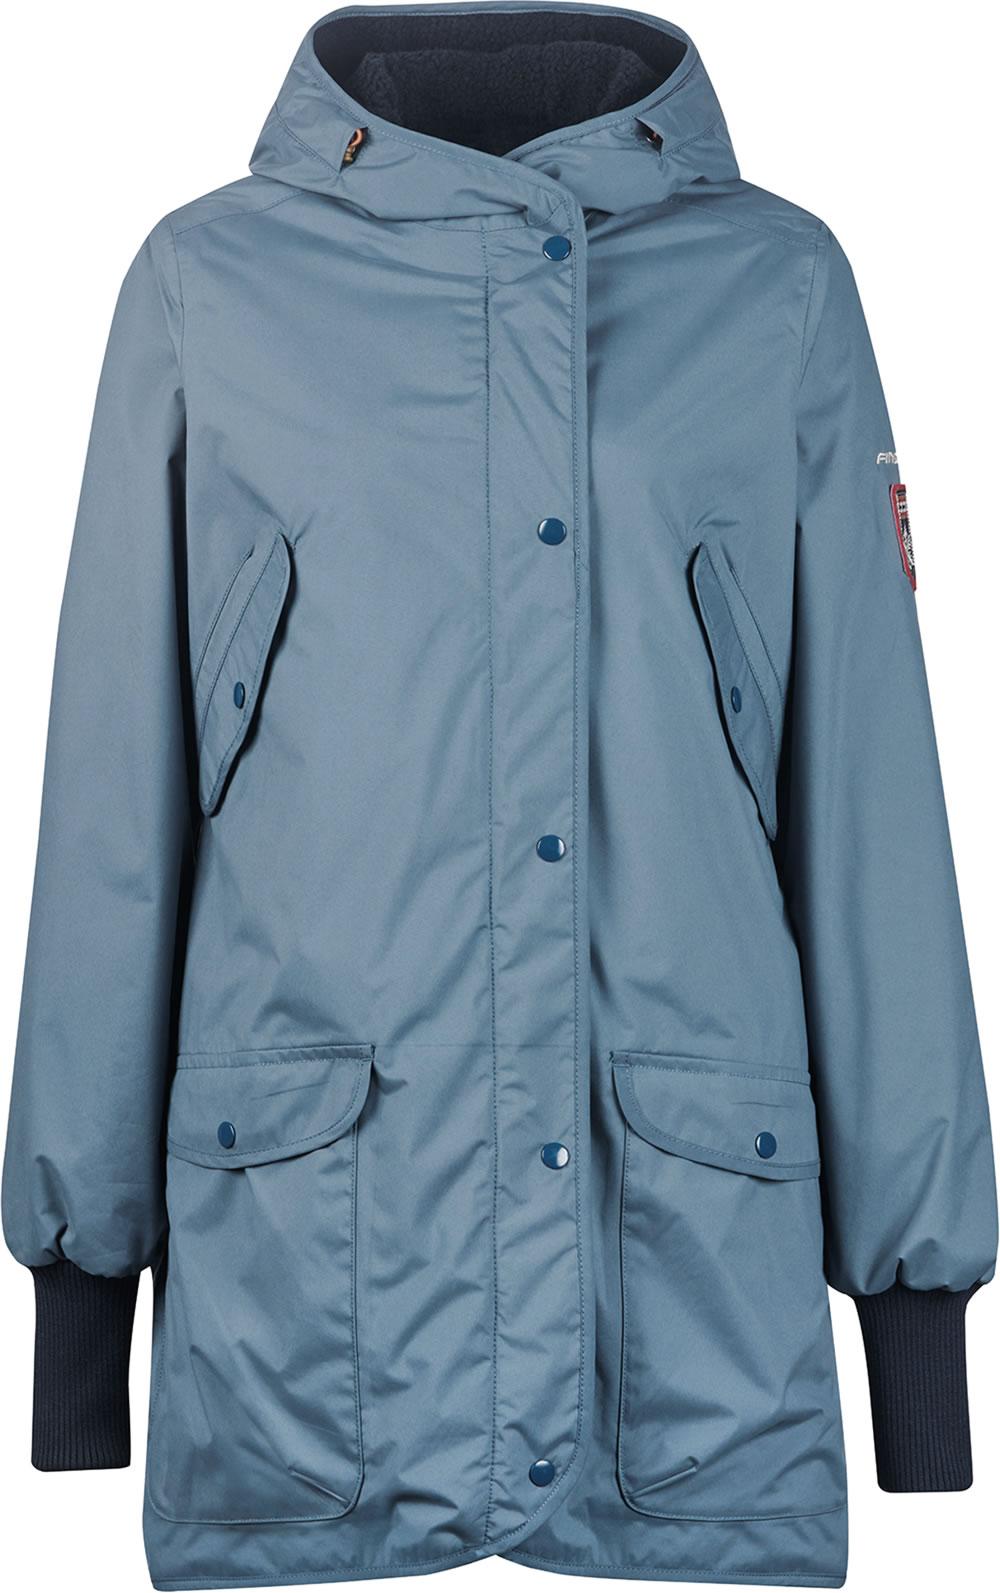 Keine Verkaufssteuer Fabrik authentisch 2020 Finside Reversible Winterparka SUOMUKKA blue mirage/navy 4143002-148100